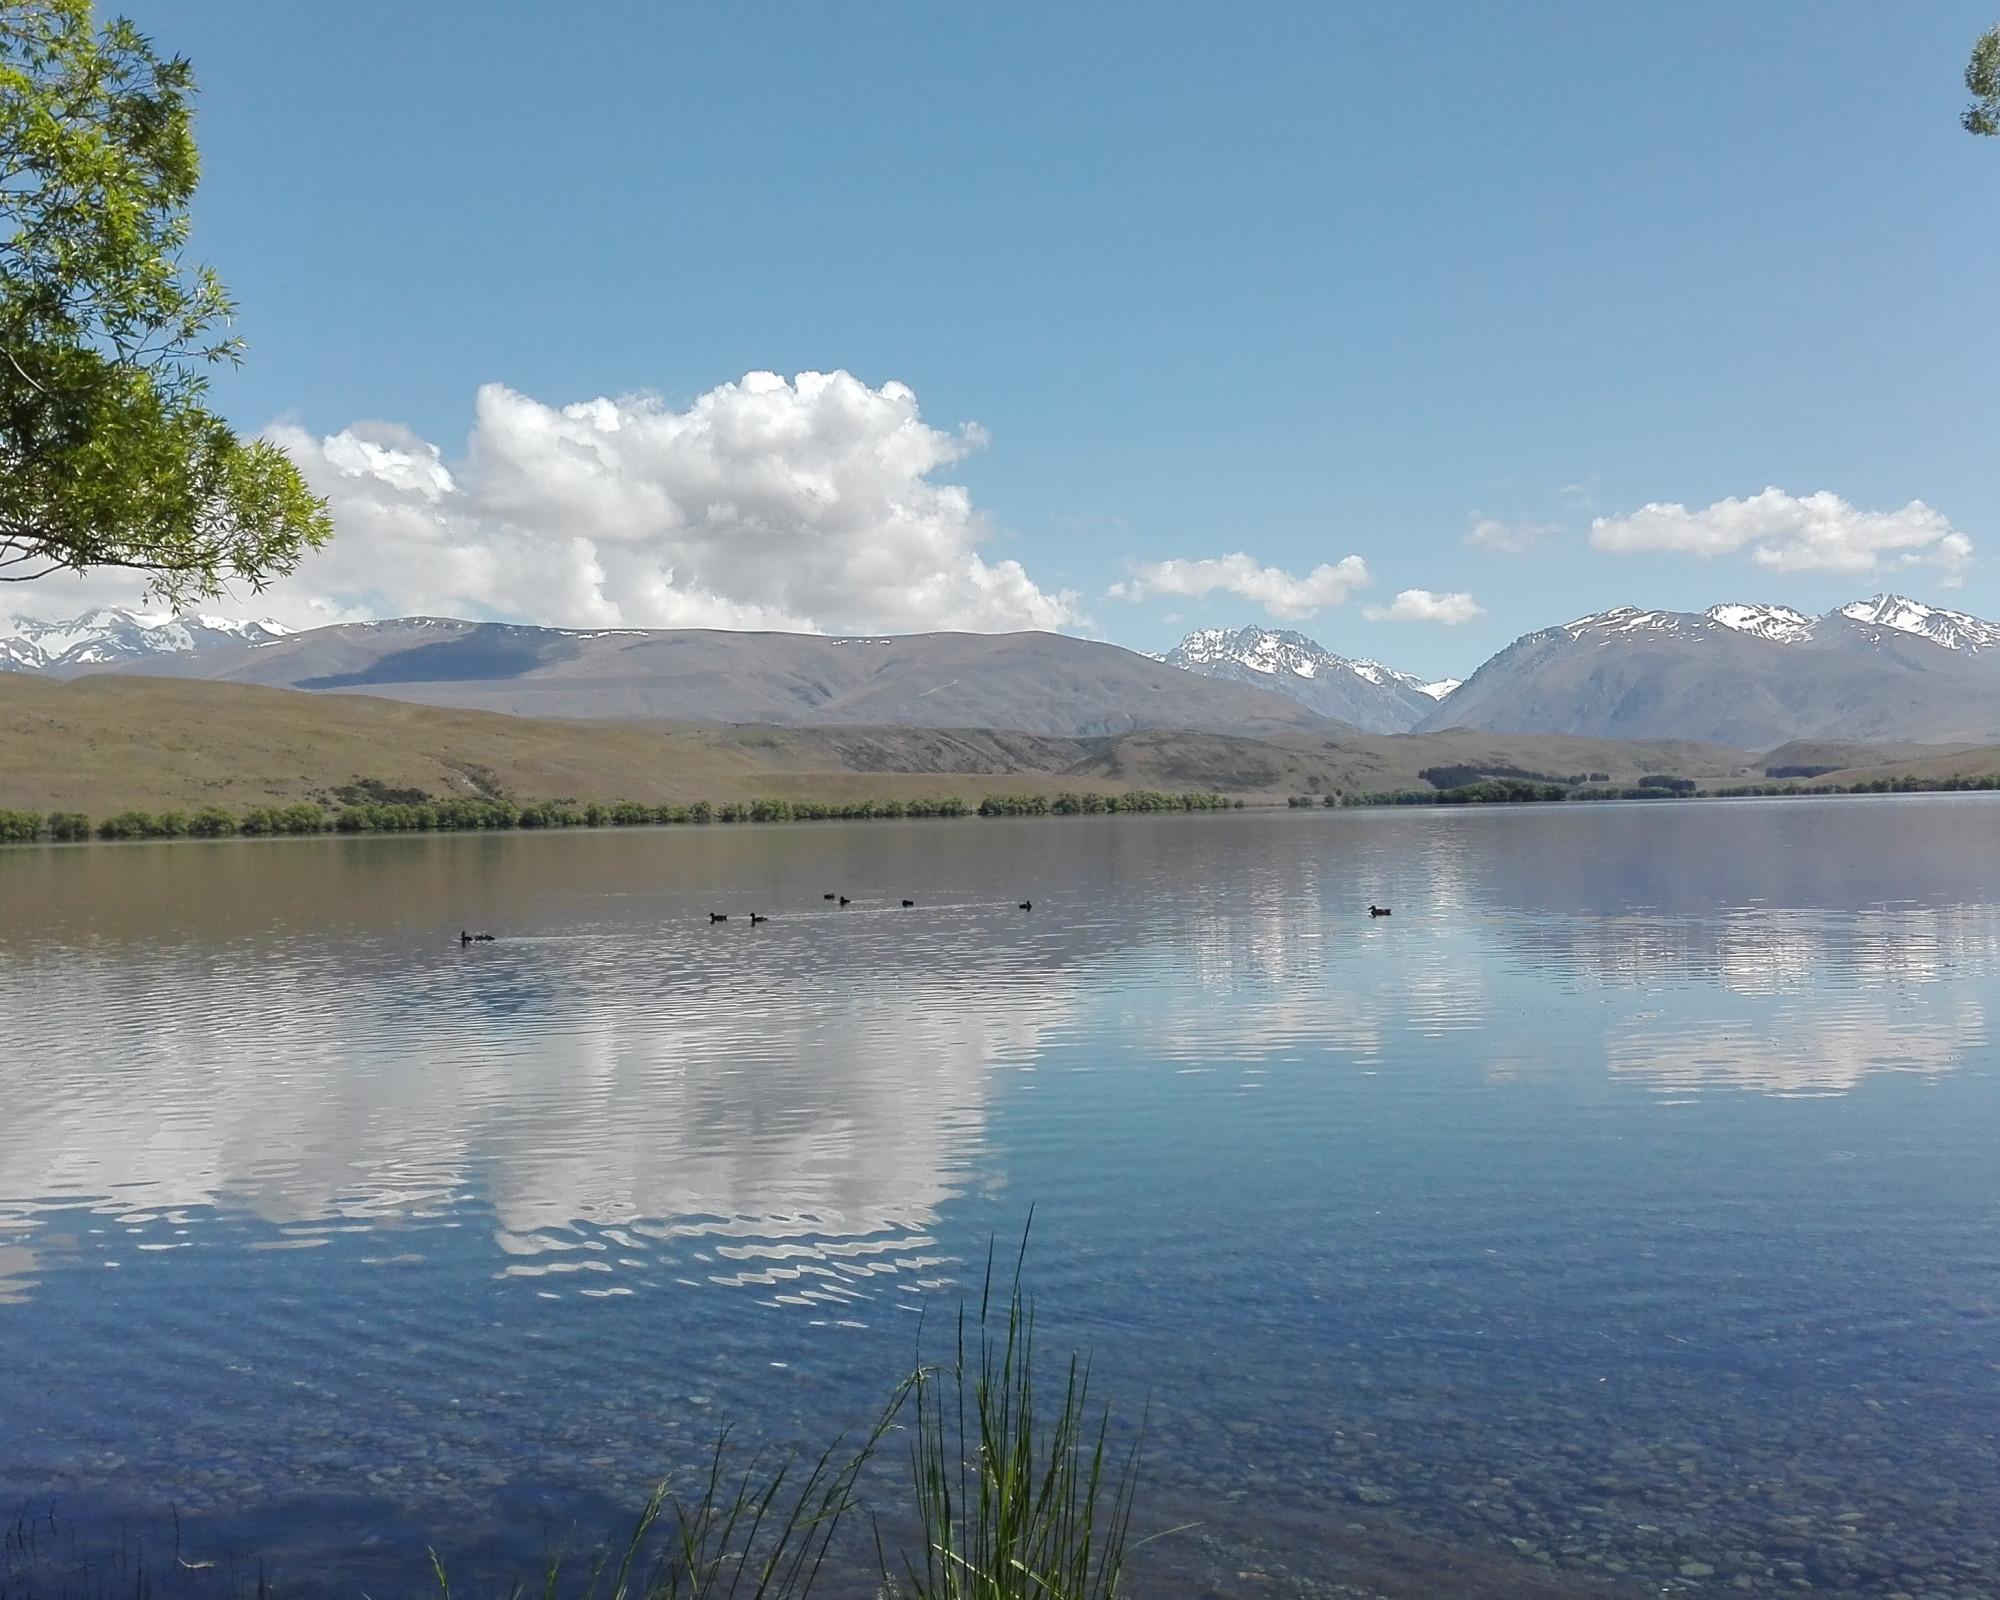 Photo 3: Lake Tekapo en Nouvelle-Zélande, la nature à l'état pur...